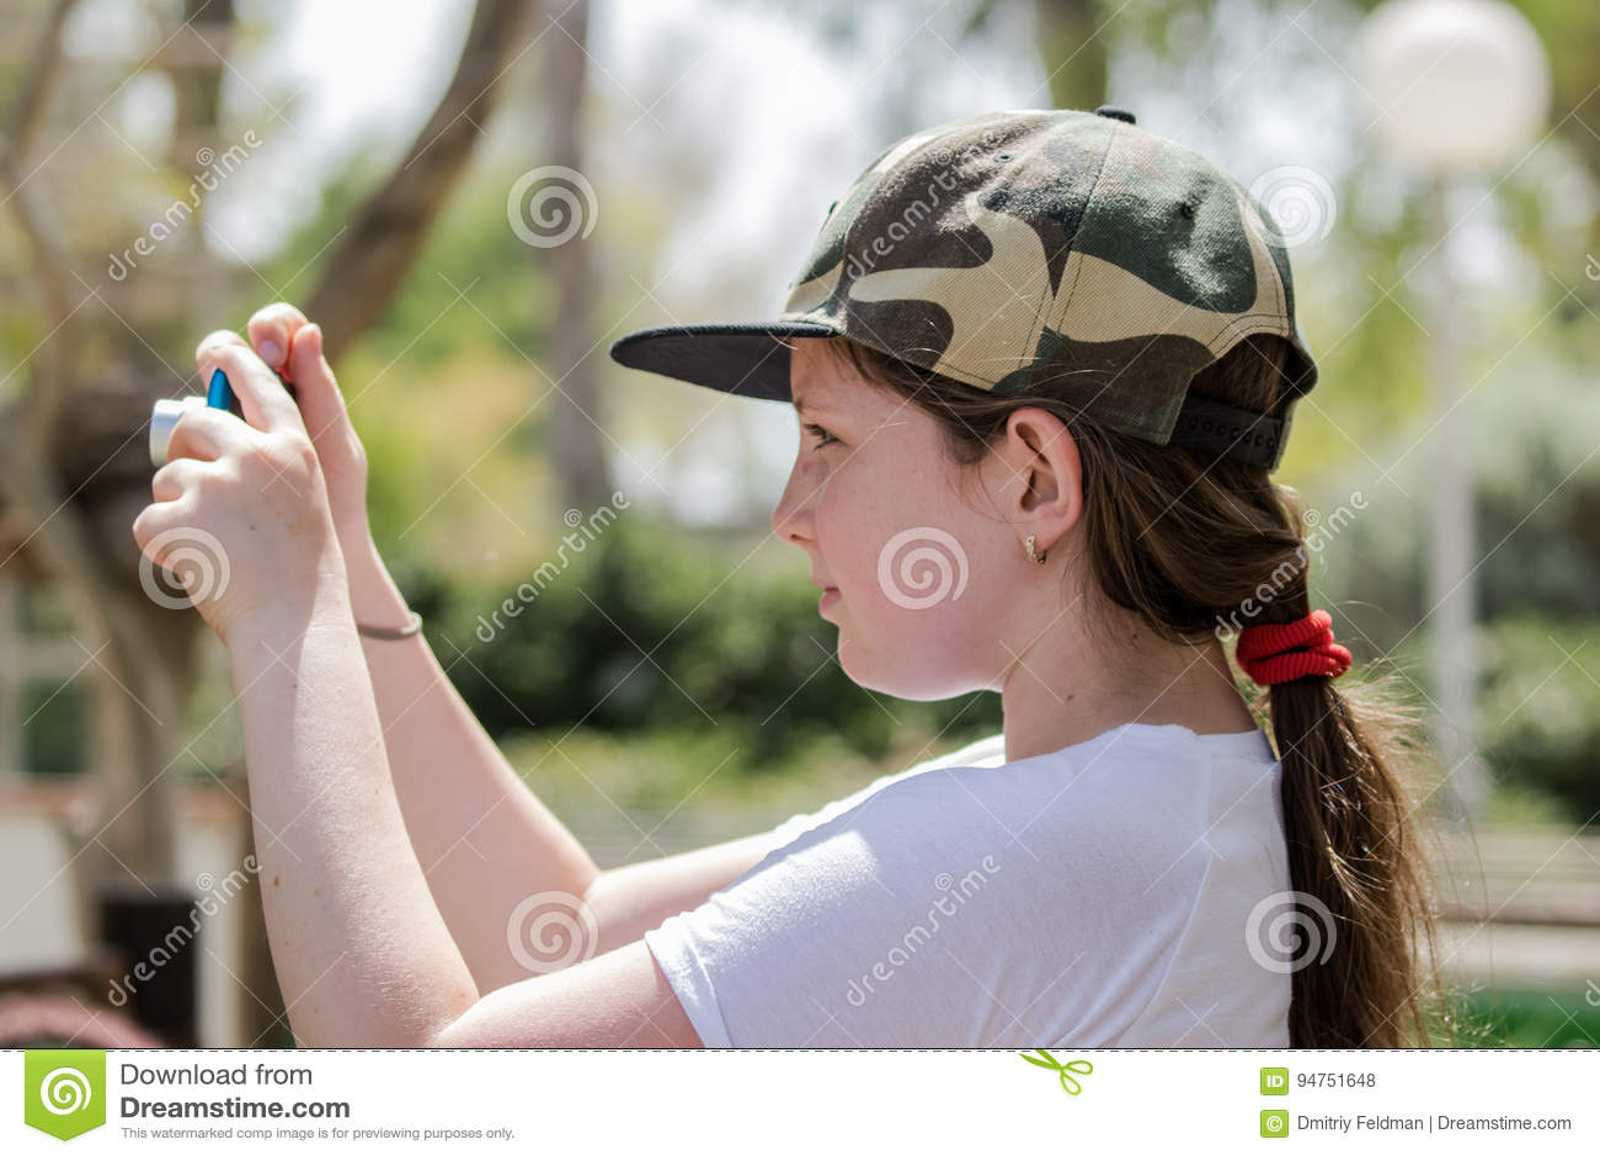 Het meisje bevindt zich op een zonnige dag en leert om beelden met een camera te nemen